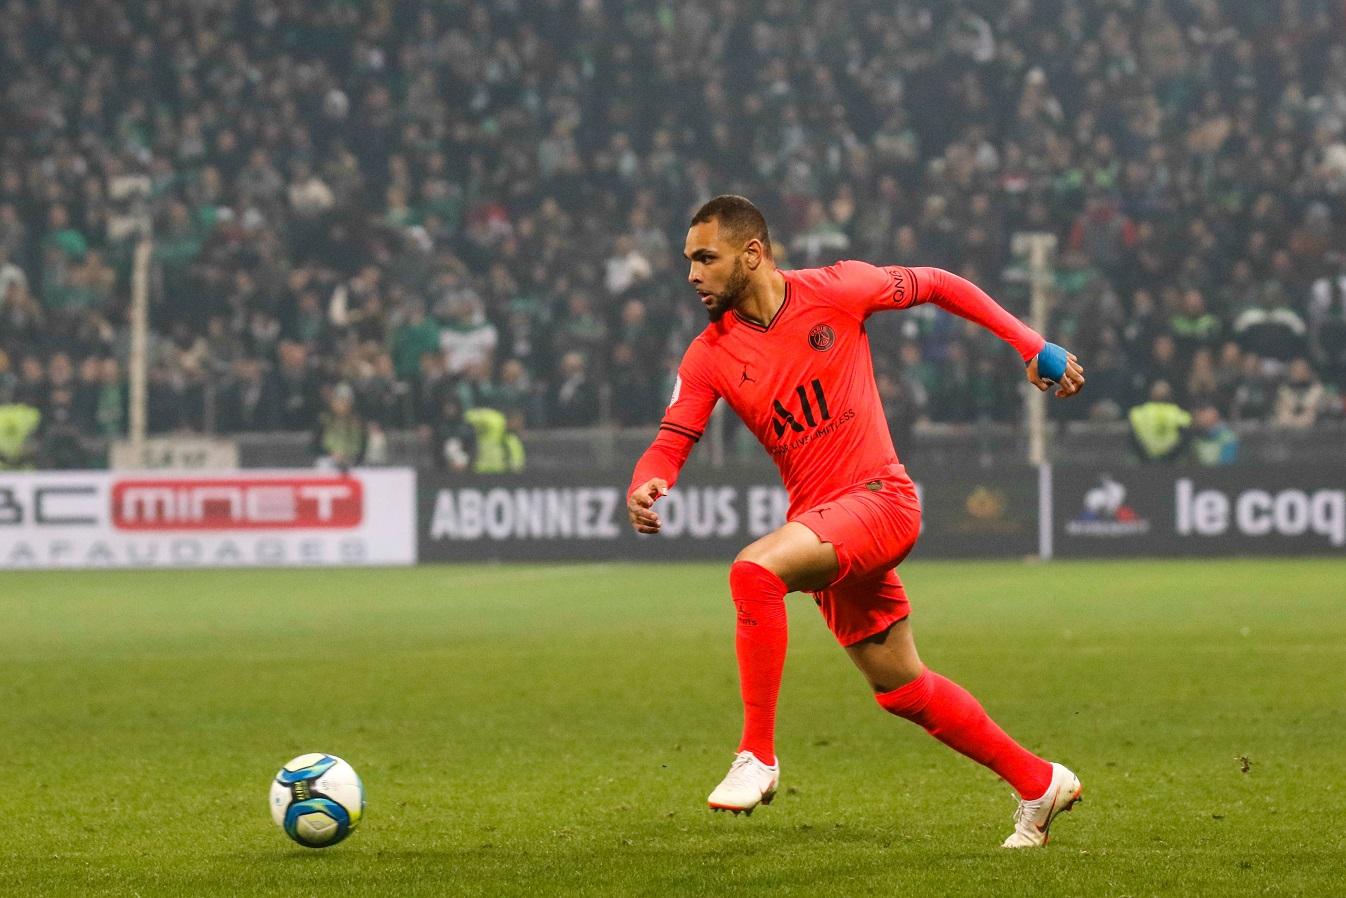 Mercato - Kurzawa et le PSG ont un accord pour une prolongation de 4 ans, selon RMC Sport